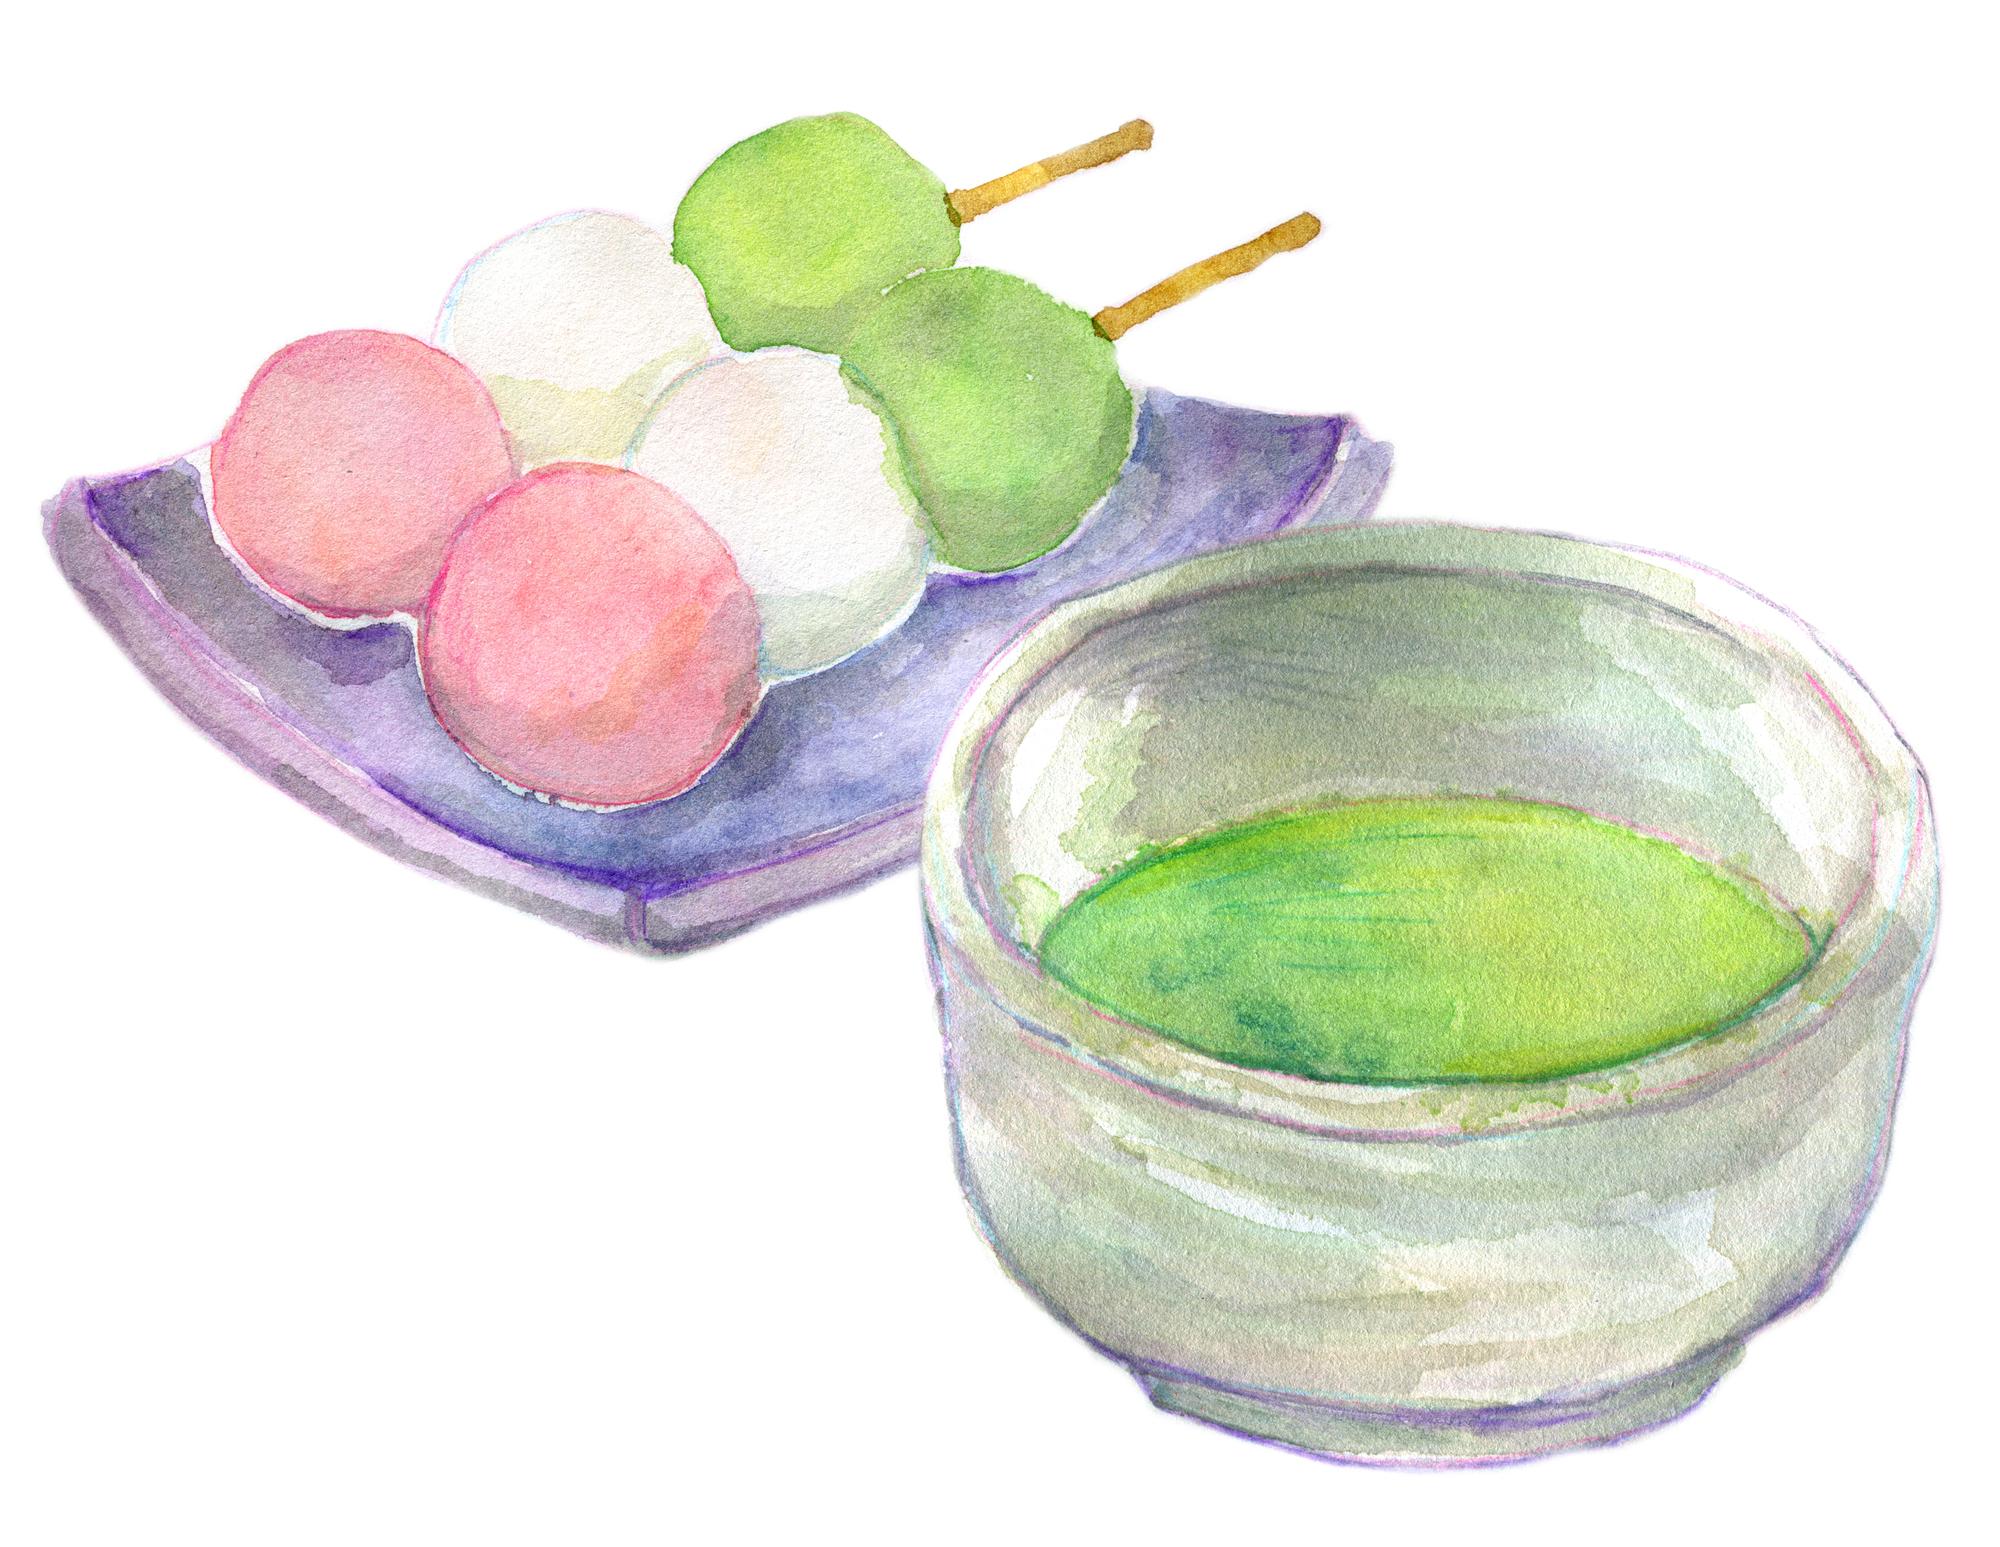 ひな祭りに飾るお餅の種類はどれが正しい?の画像